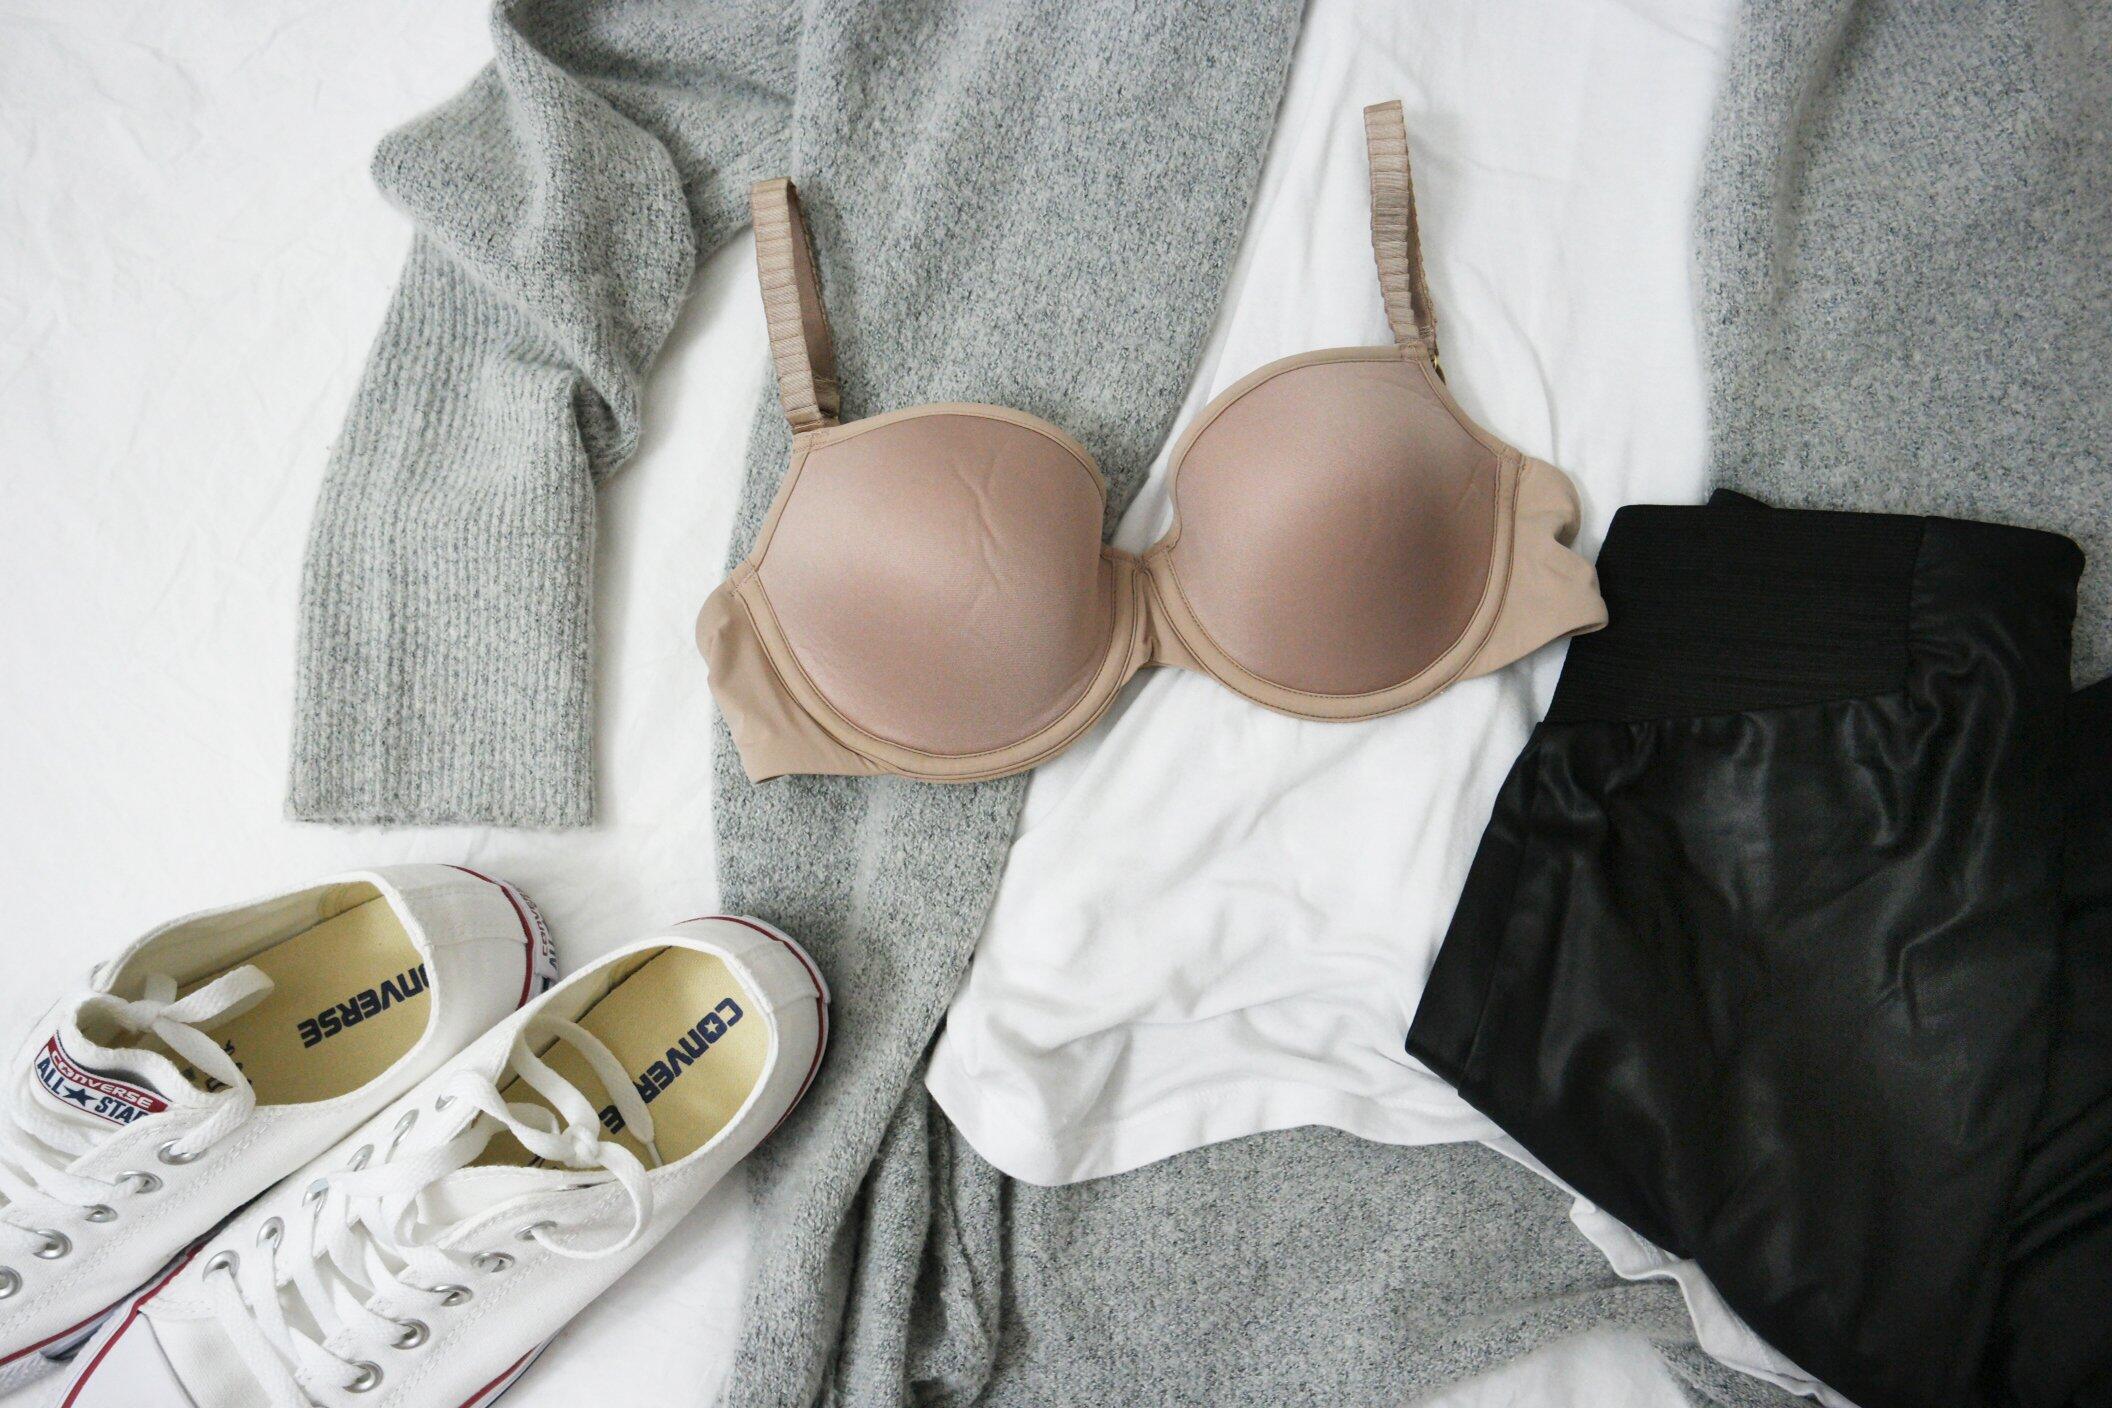 Merrick's Art Third Love Nude Bra